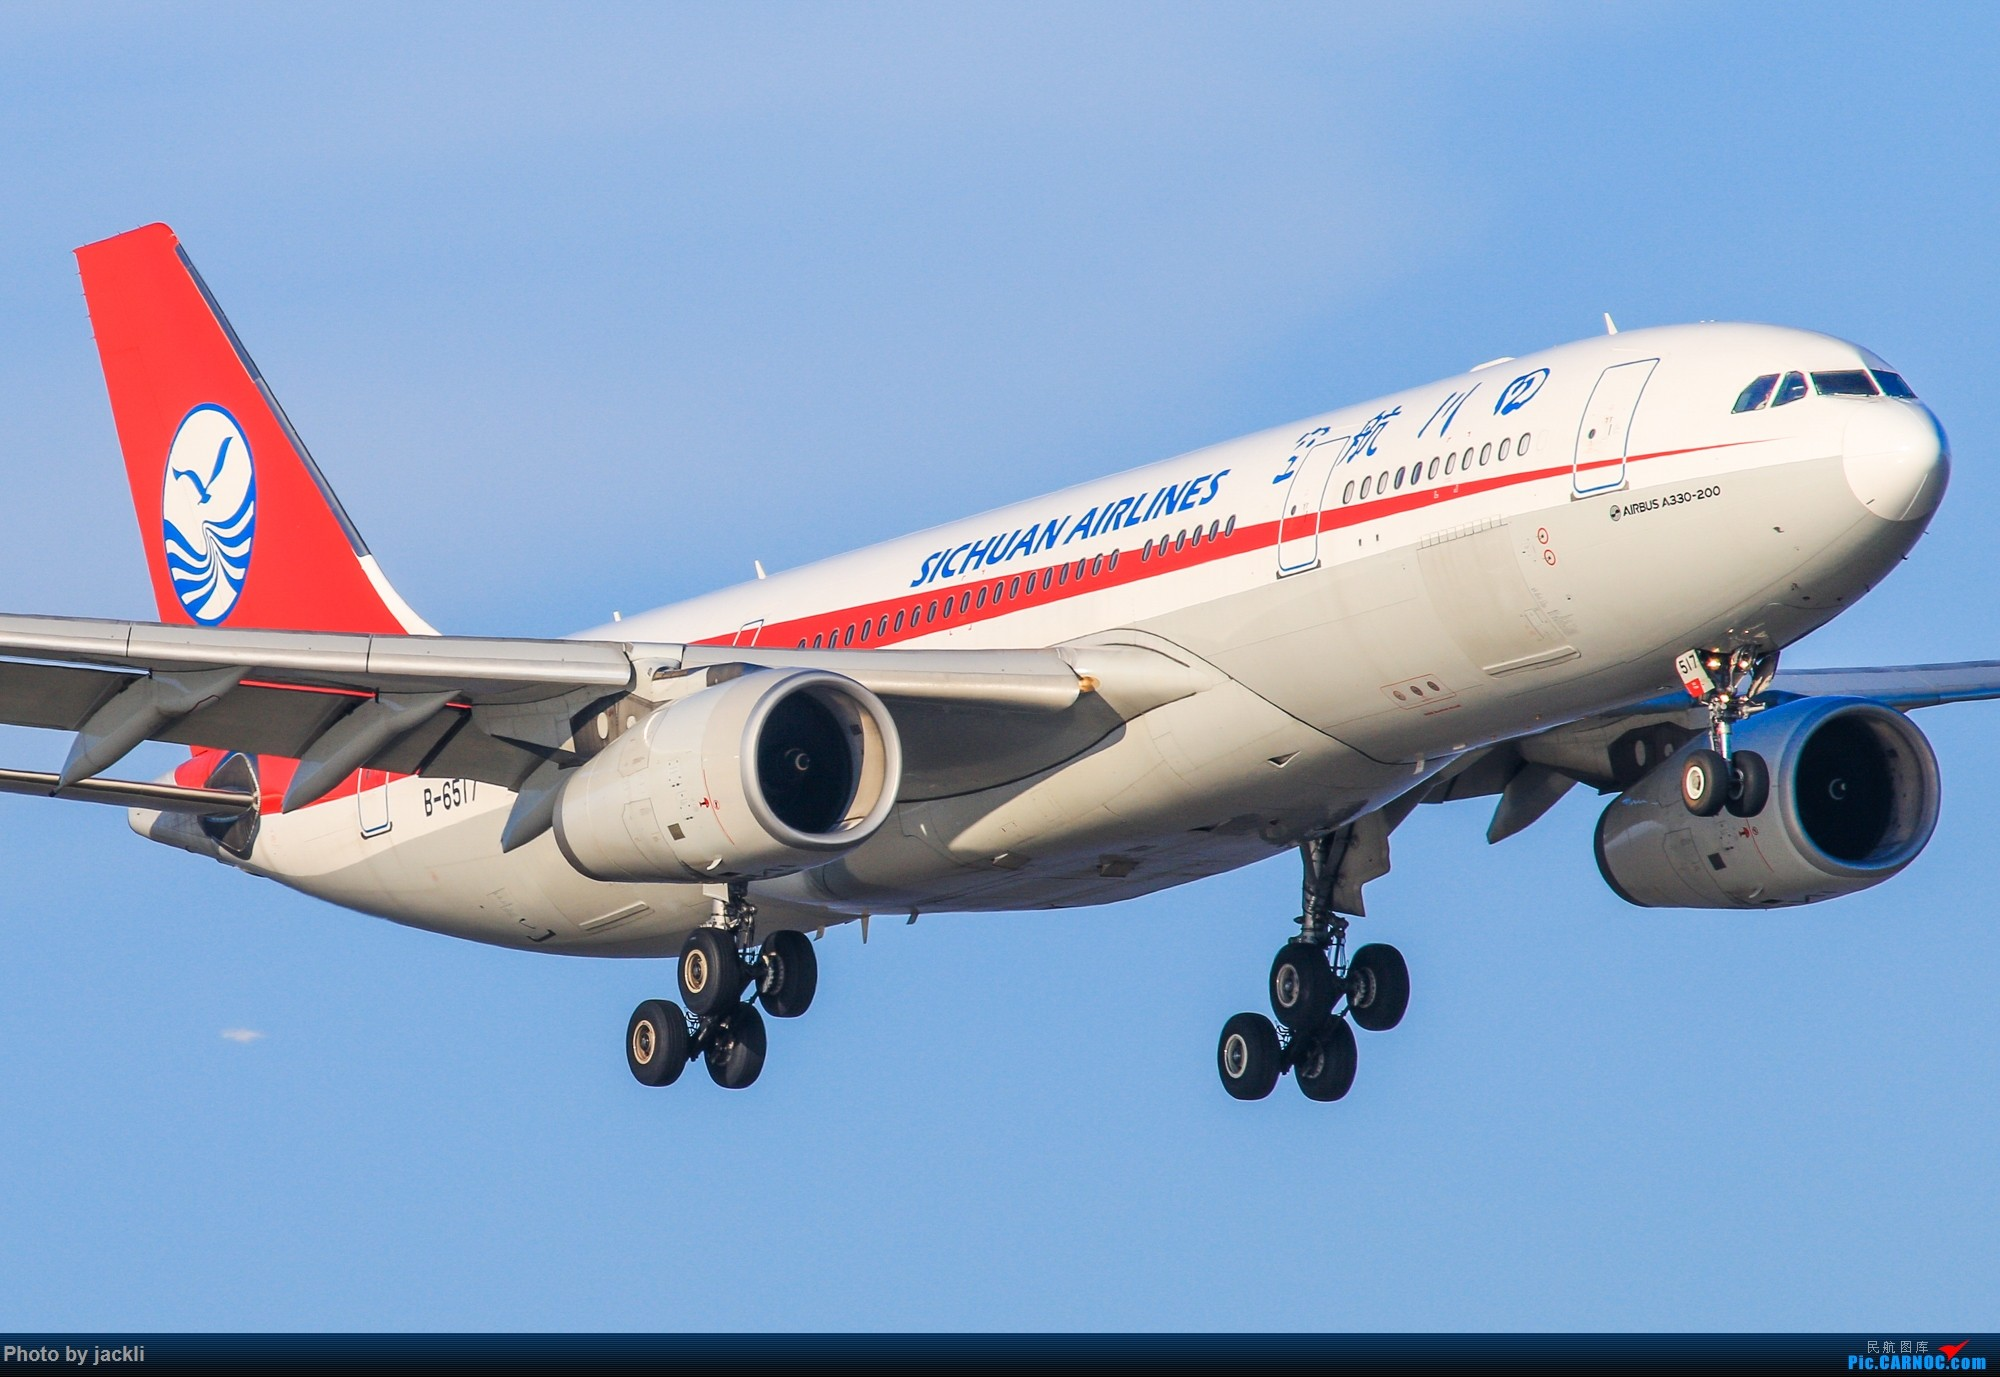 [原创]【JackLi】抓住好天的尾巴~川航330在珠海训练~ AIRBUS A330-200 B-6517 中国珠海金湾机场